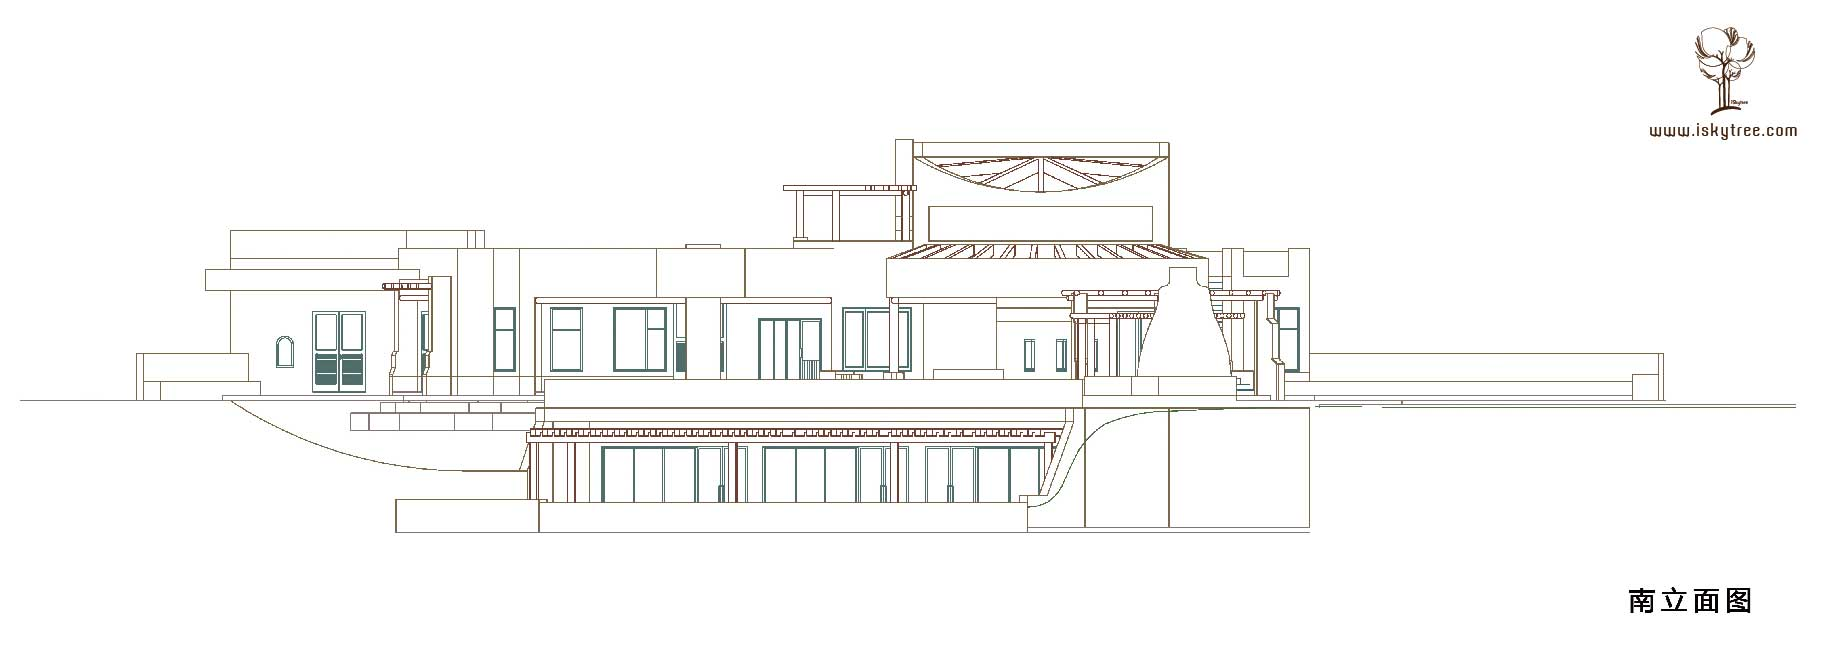 宁夏沙坡头北长滩酒庄设计结构图